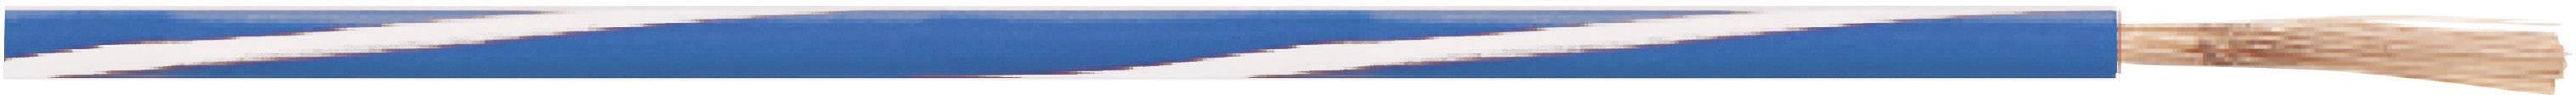 Opletenie / lanko LappKabel 4512421S X05V-K, 1 x 0.50 mm², vonkajší Ø 2.10 mm, metrový tovar, červená, biela